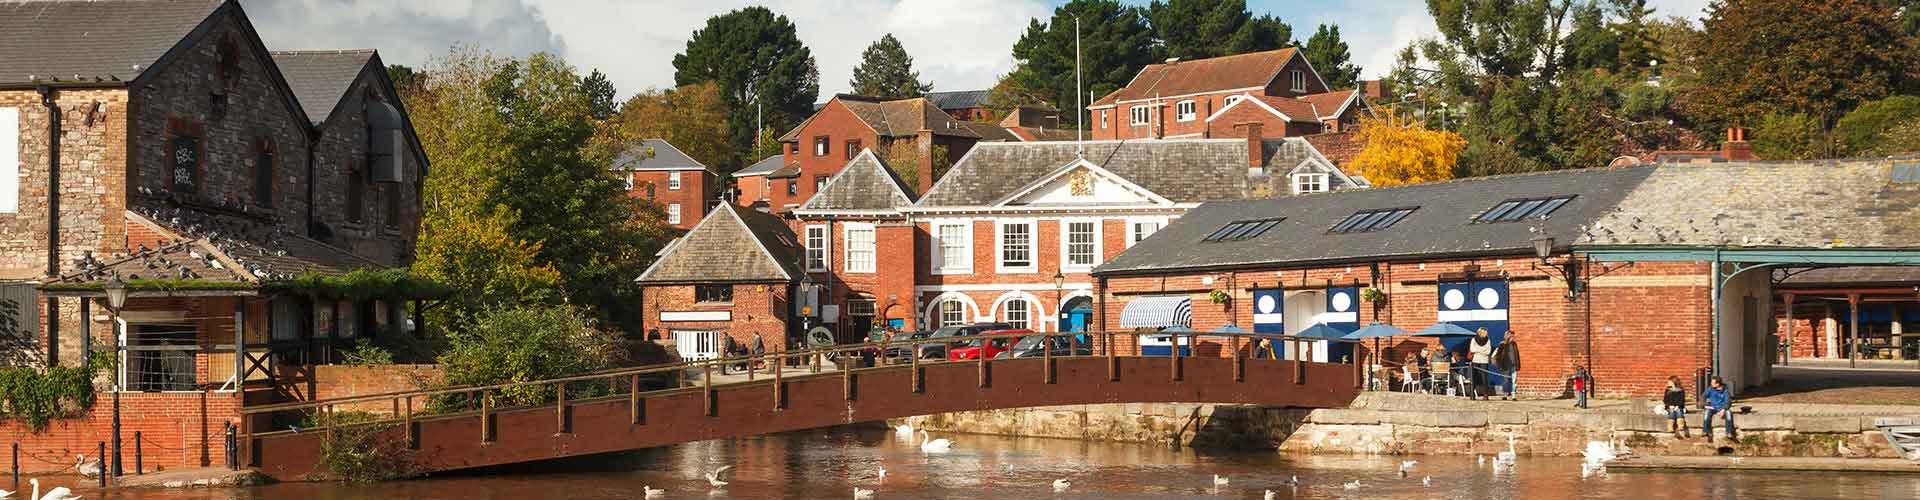 Exeter - Pokoje w mieście Exeter, Mapy miasta Exeter, Zdjęcia i Recenzje dla każdego pokoju w mieście Exeter.